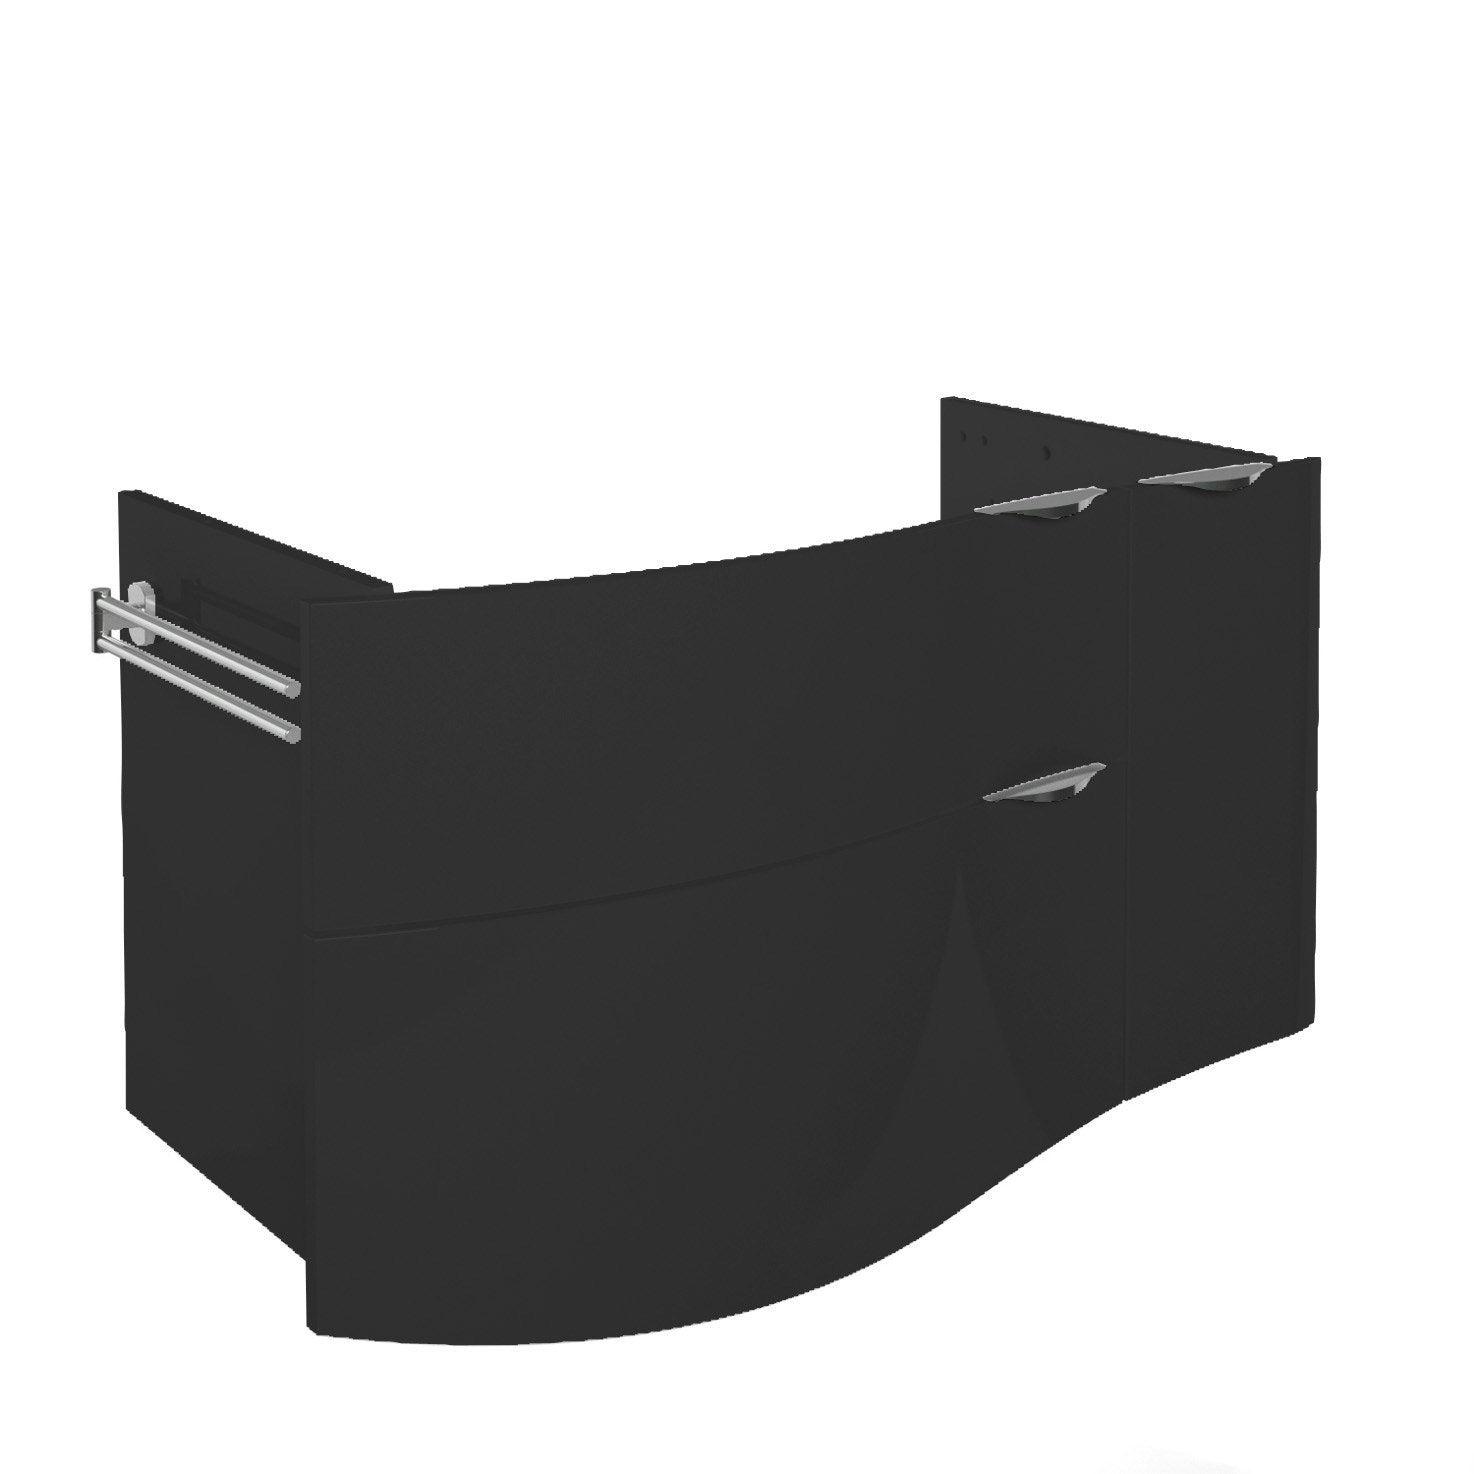 Meuble sous vasque decotec el gance noir - Leroy merlin meuble sous vasque ...